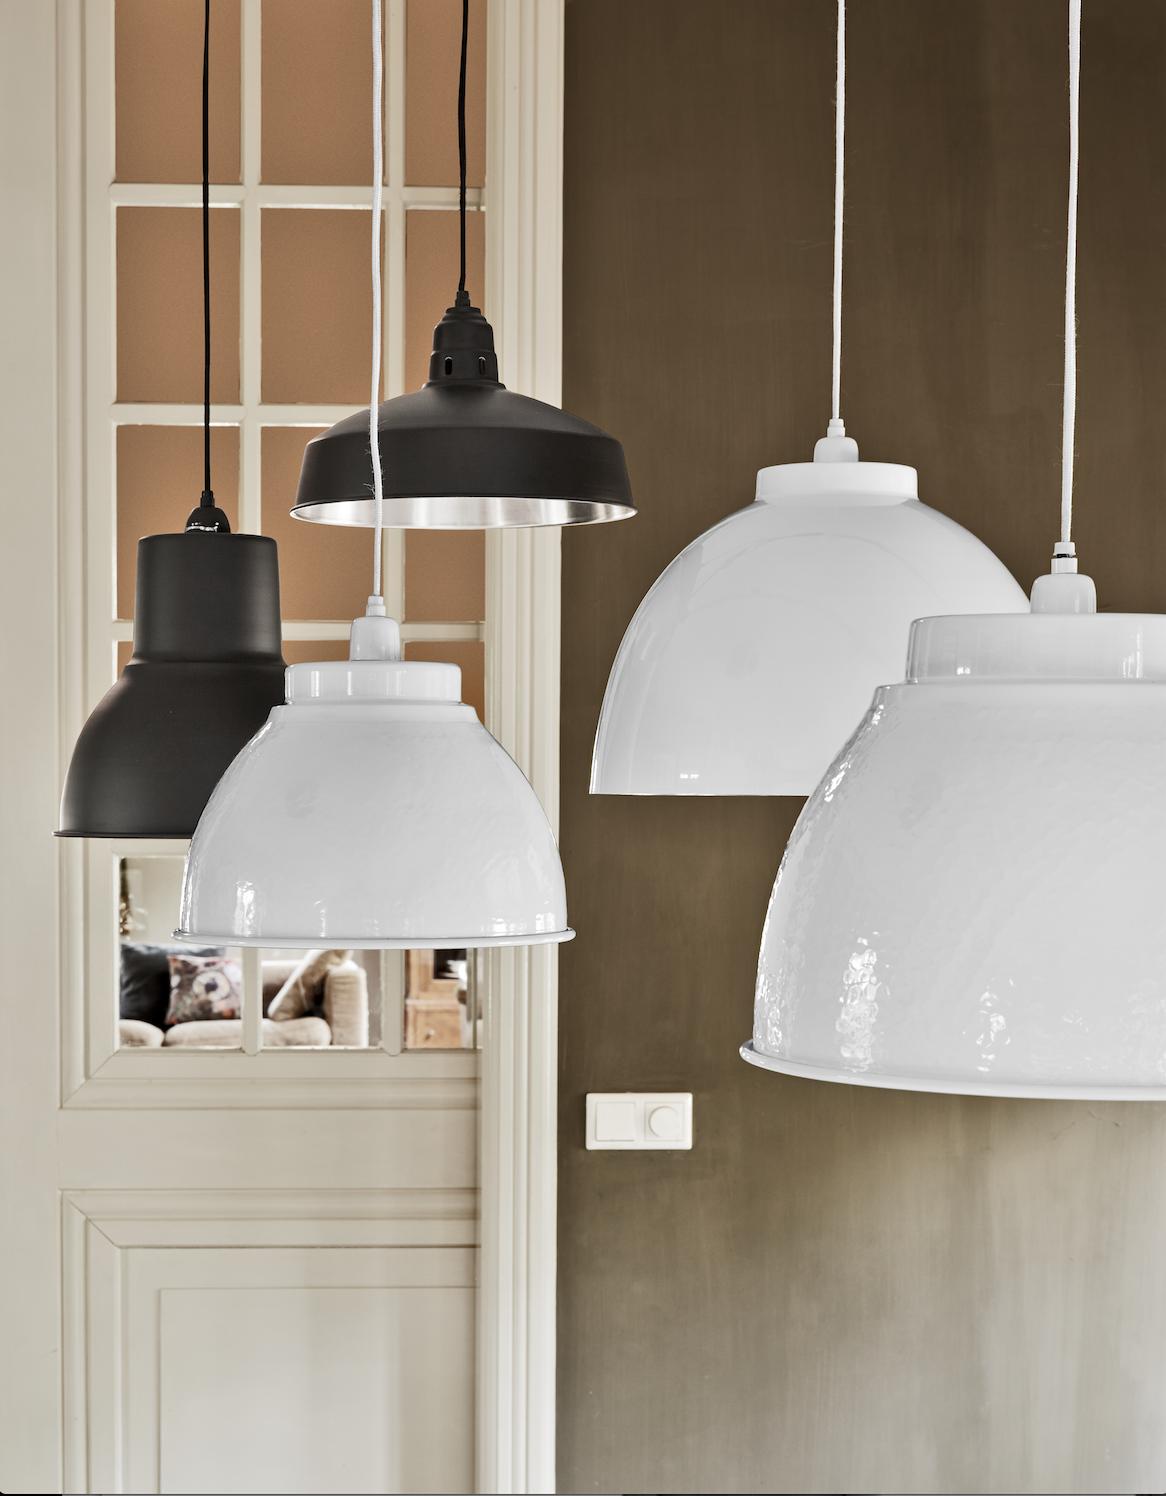 Hanglampen | Voor meer informatie kijkt u op www.prontowonen.nl ...